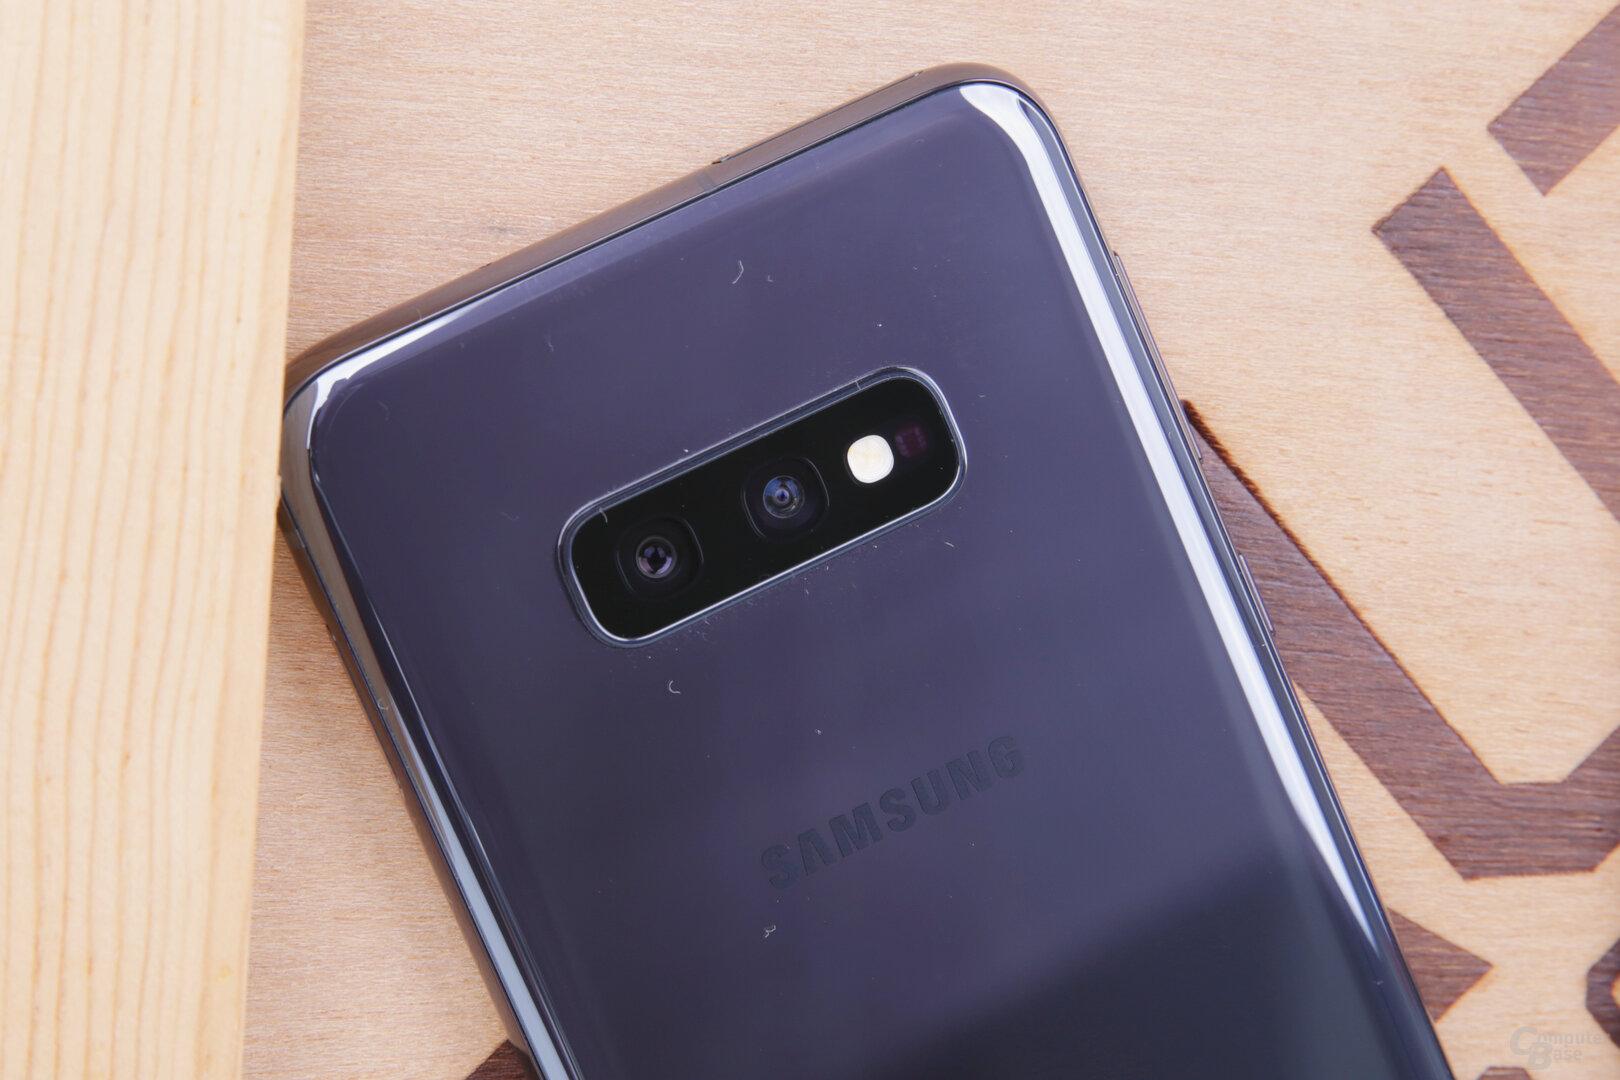 Das Galaxy S10e kommt mit Weitwinkel und Ultraweitwinkel